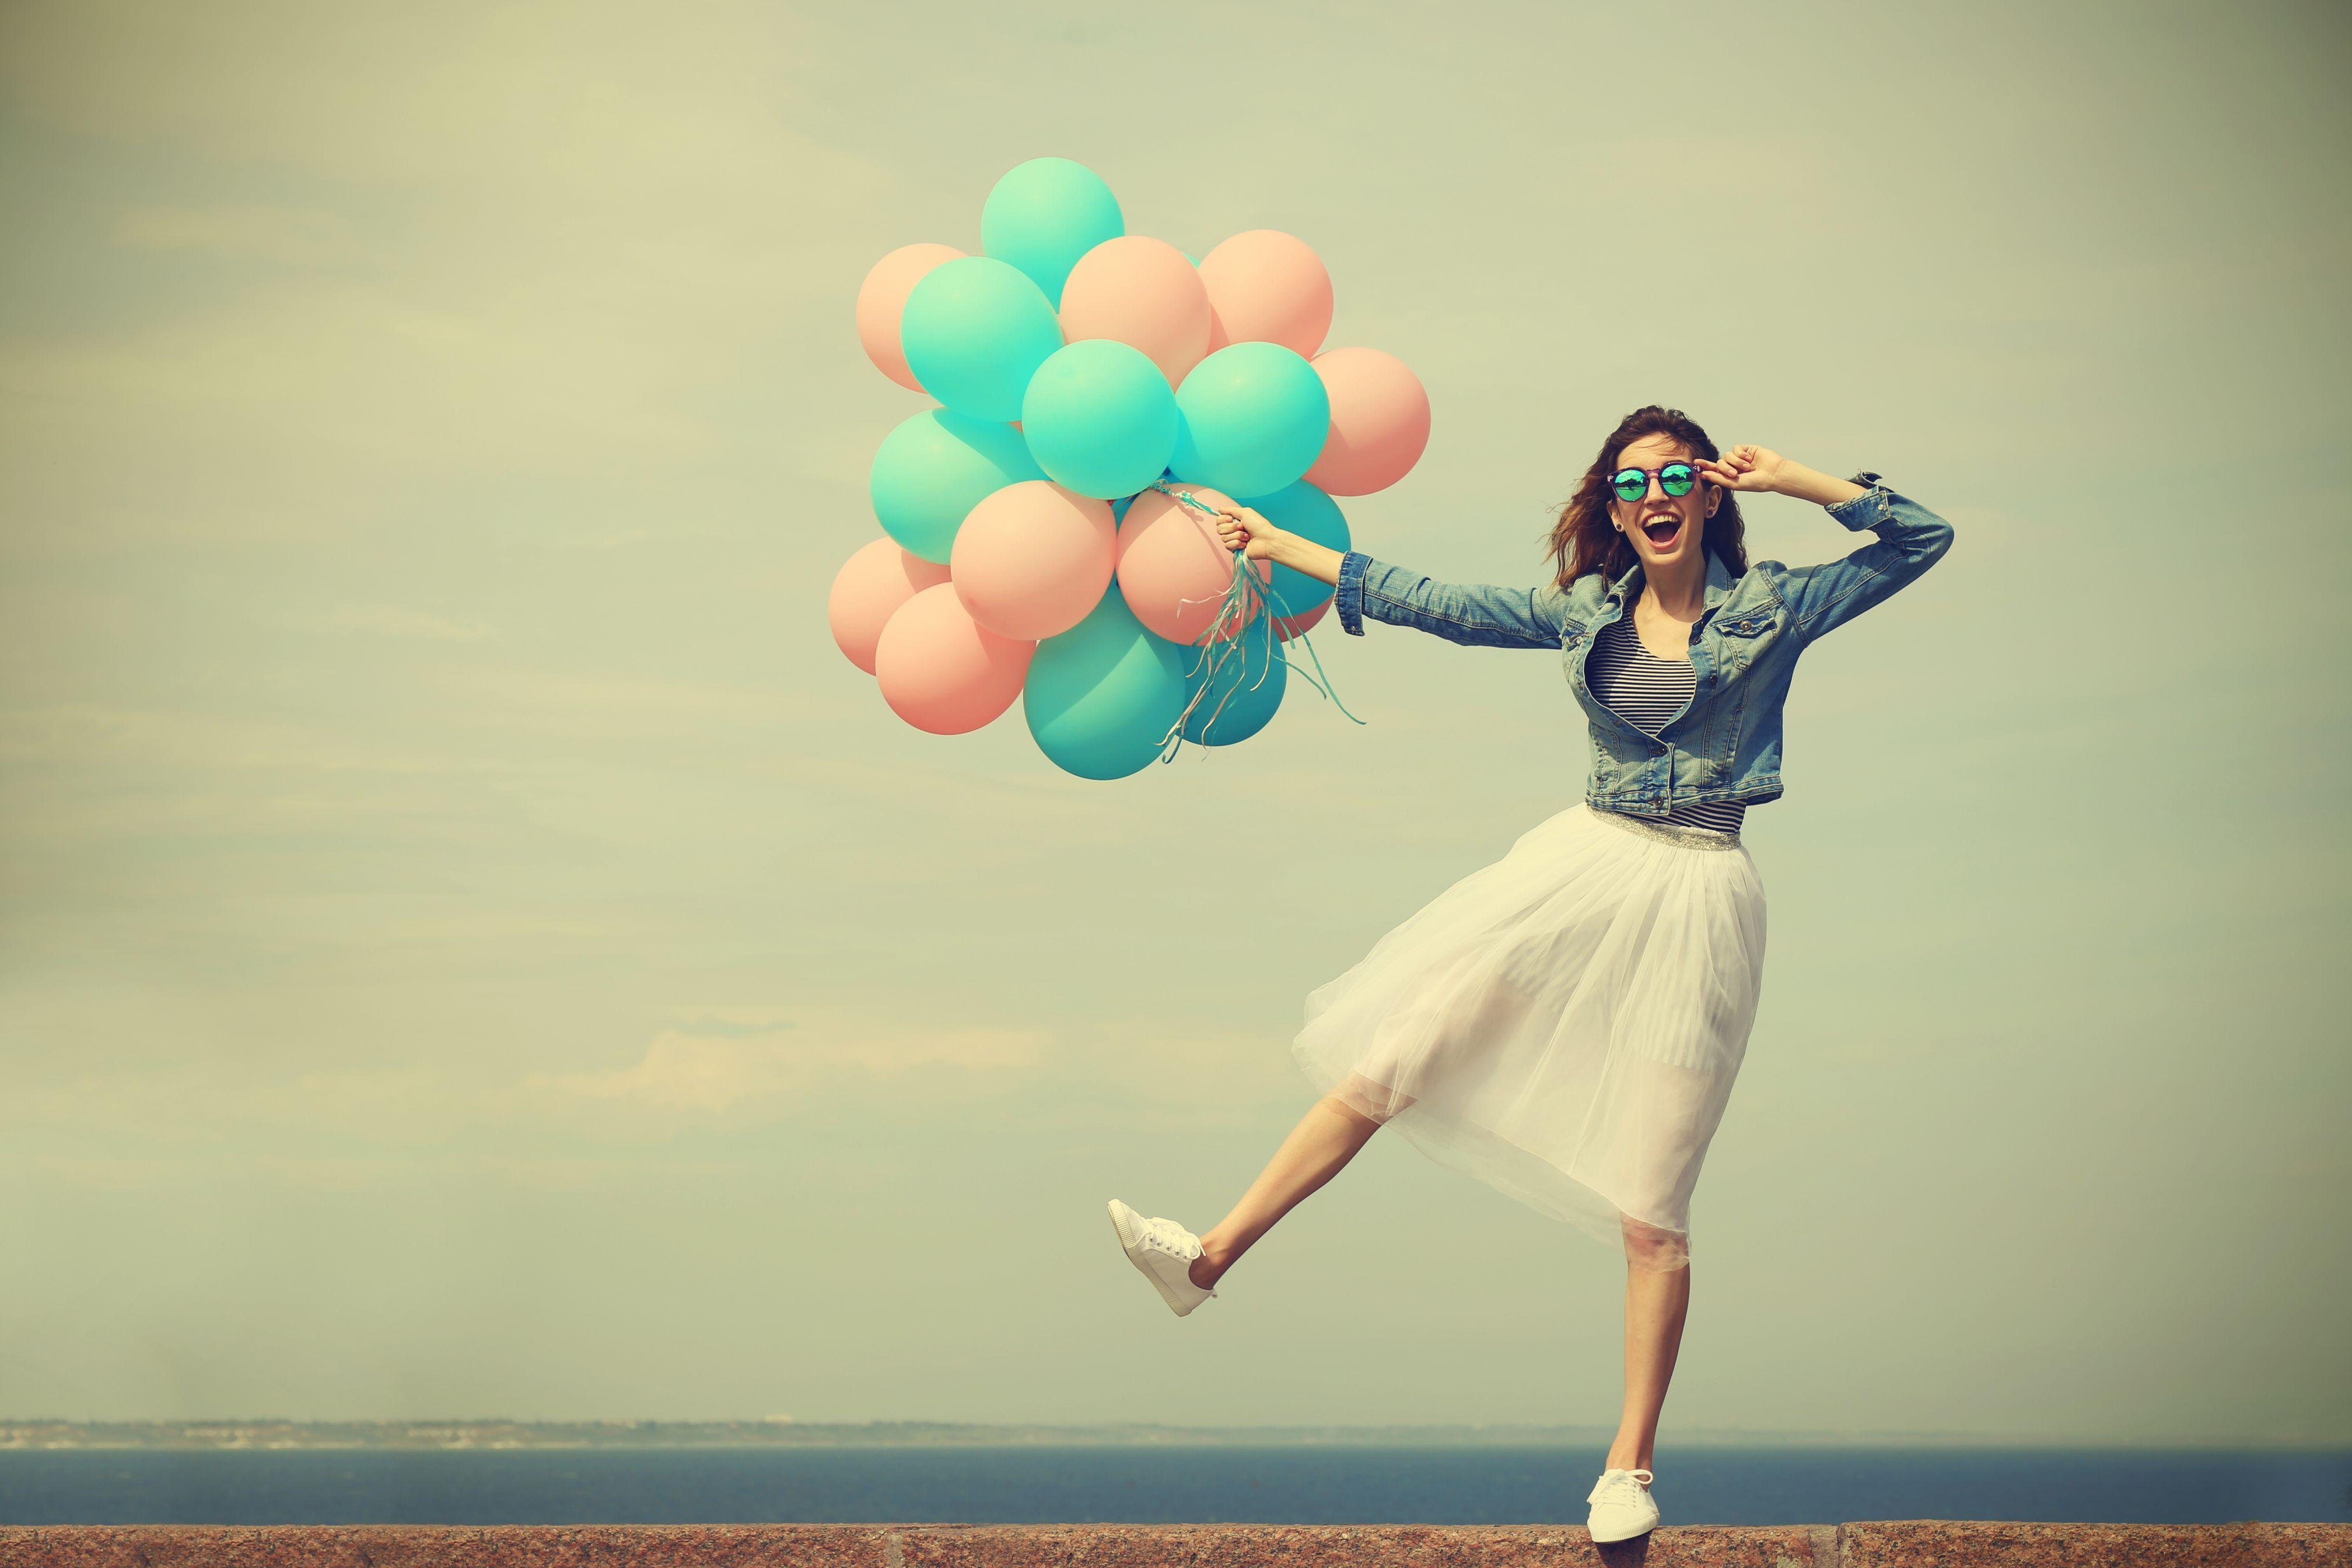 oczucie szczęścia w miejscu pracy jest ważne nie tylko dla stworzenia panującej w nim atmosfery - ma też znaczenie dla biznesu (fot. shutterstock)